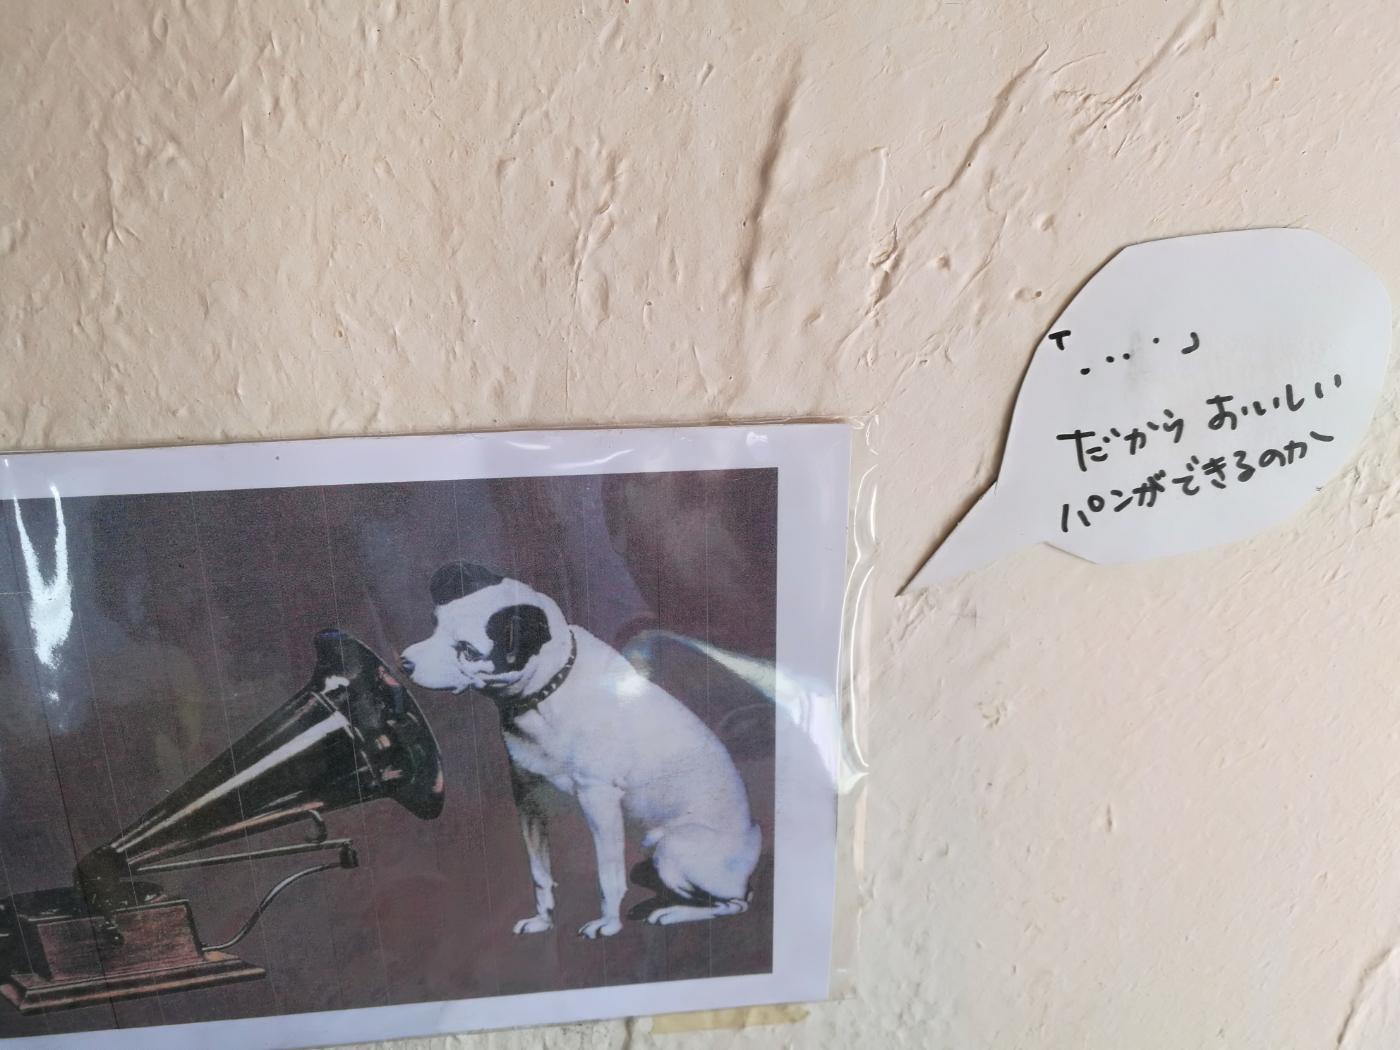 元気パン工房ごぱんの壁面犬の写真